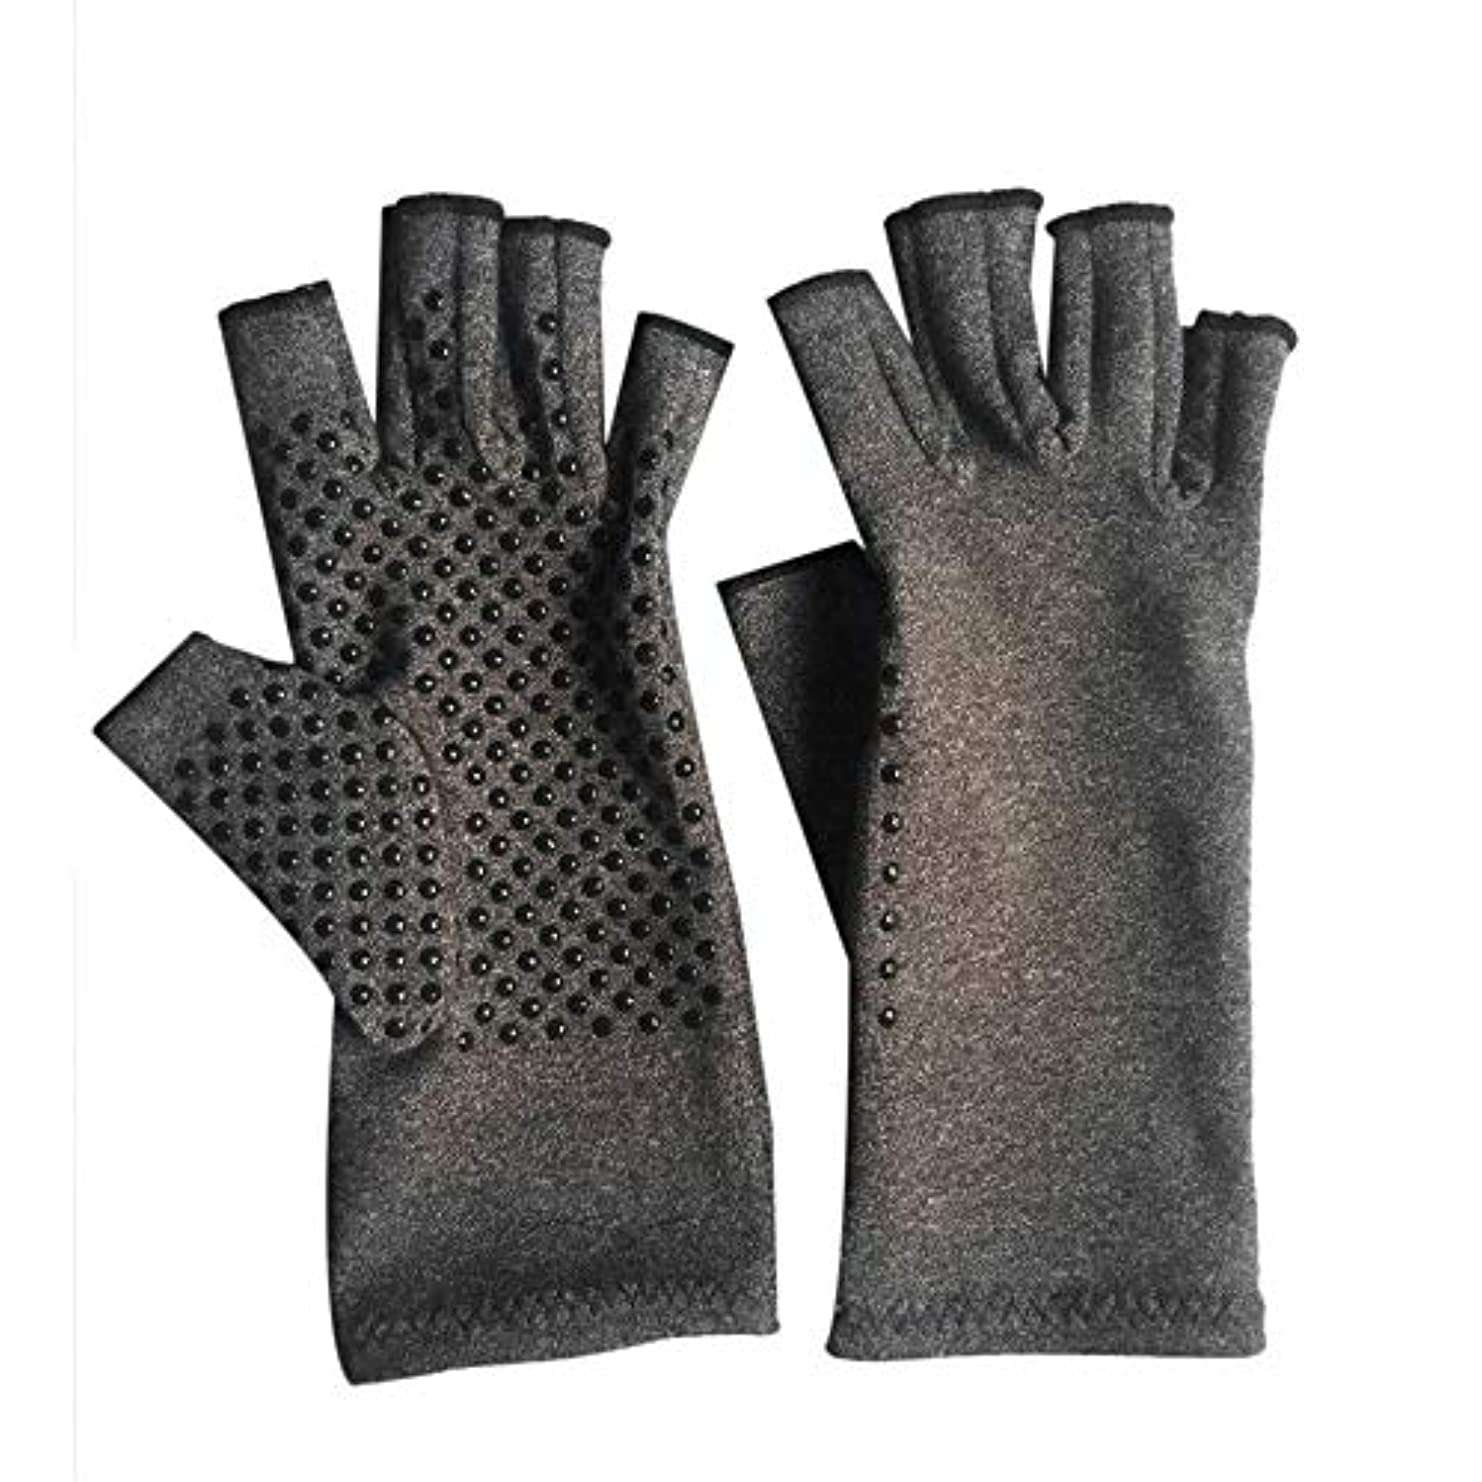 火薬用量怪しい1ペアユニセックス男性女性療法圧縮手袋関節炎関節痛緩和ヘルスケア半指手袋トレーニング手袋 - グレーM